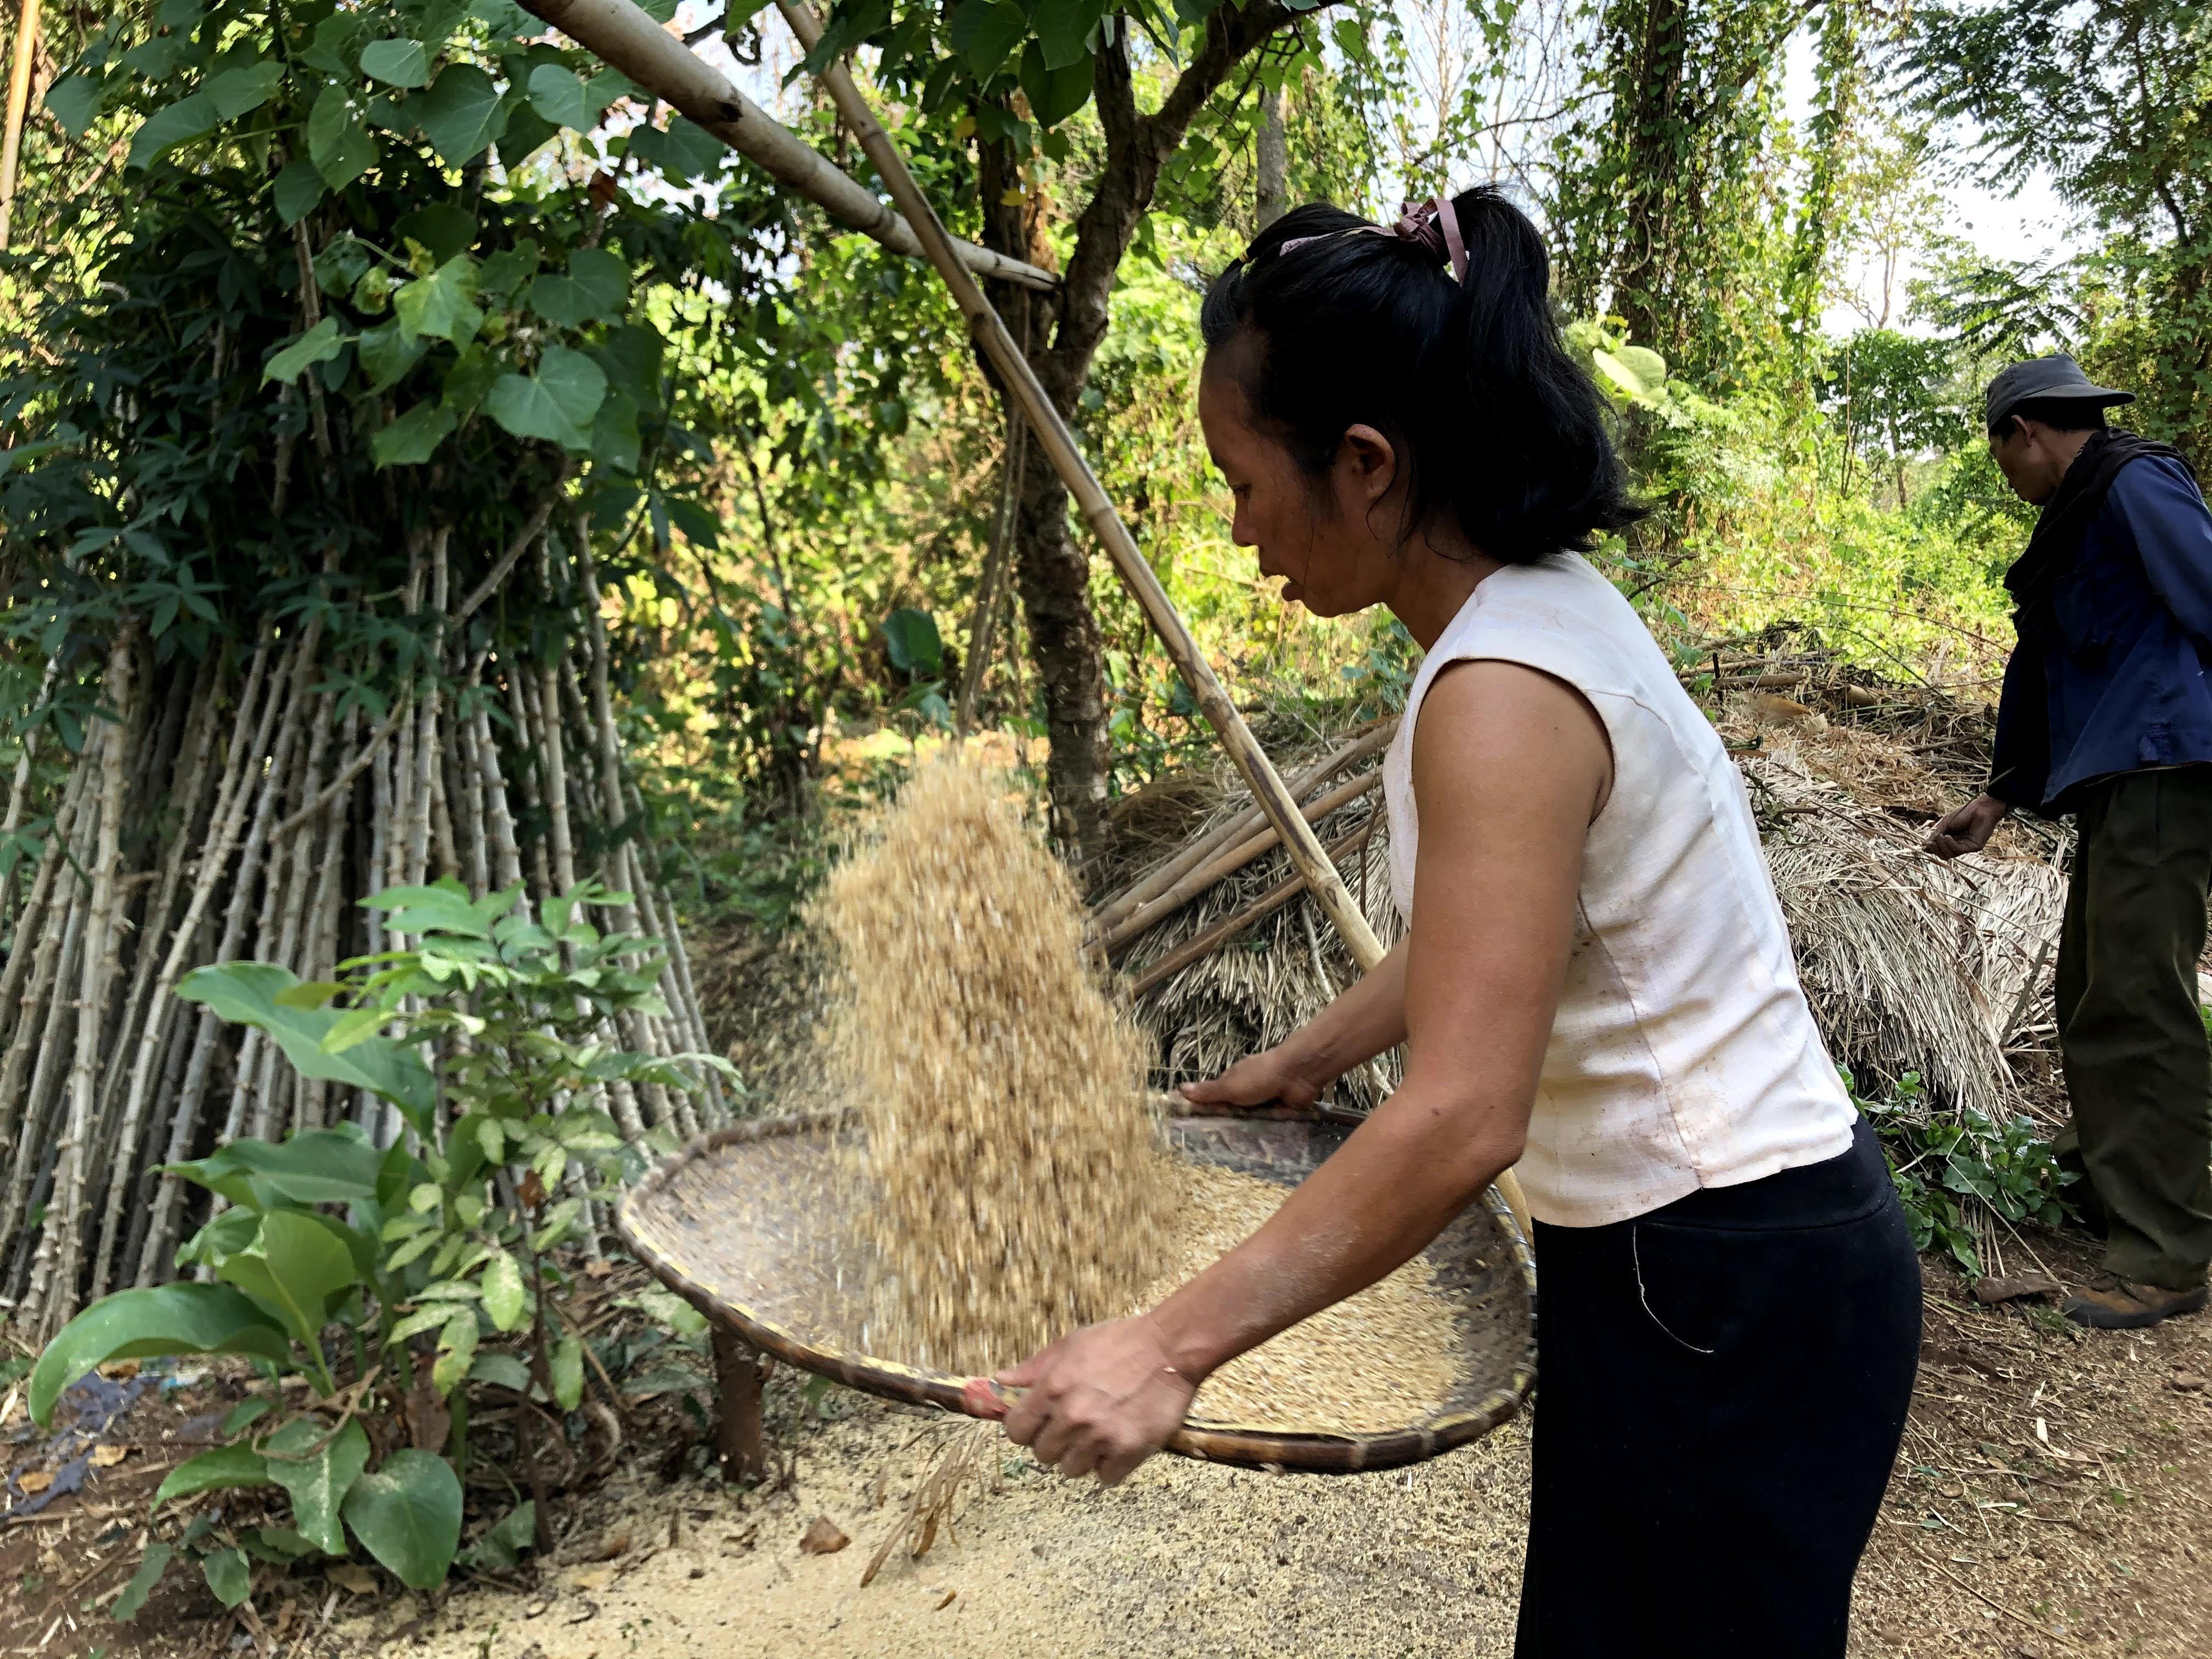 杵つき玄米作り